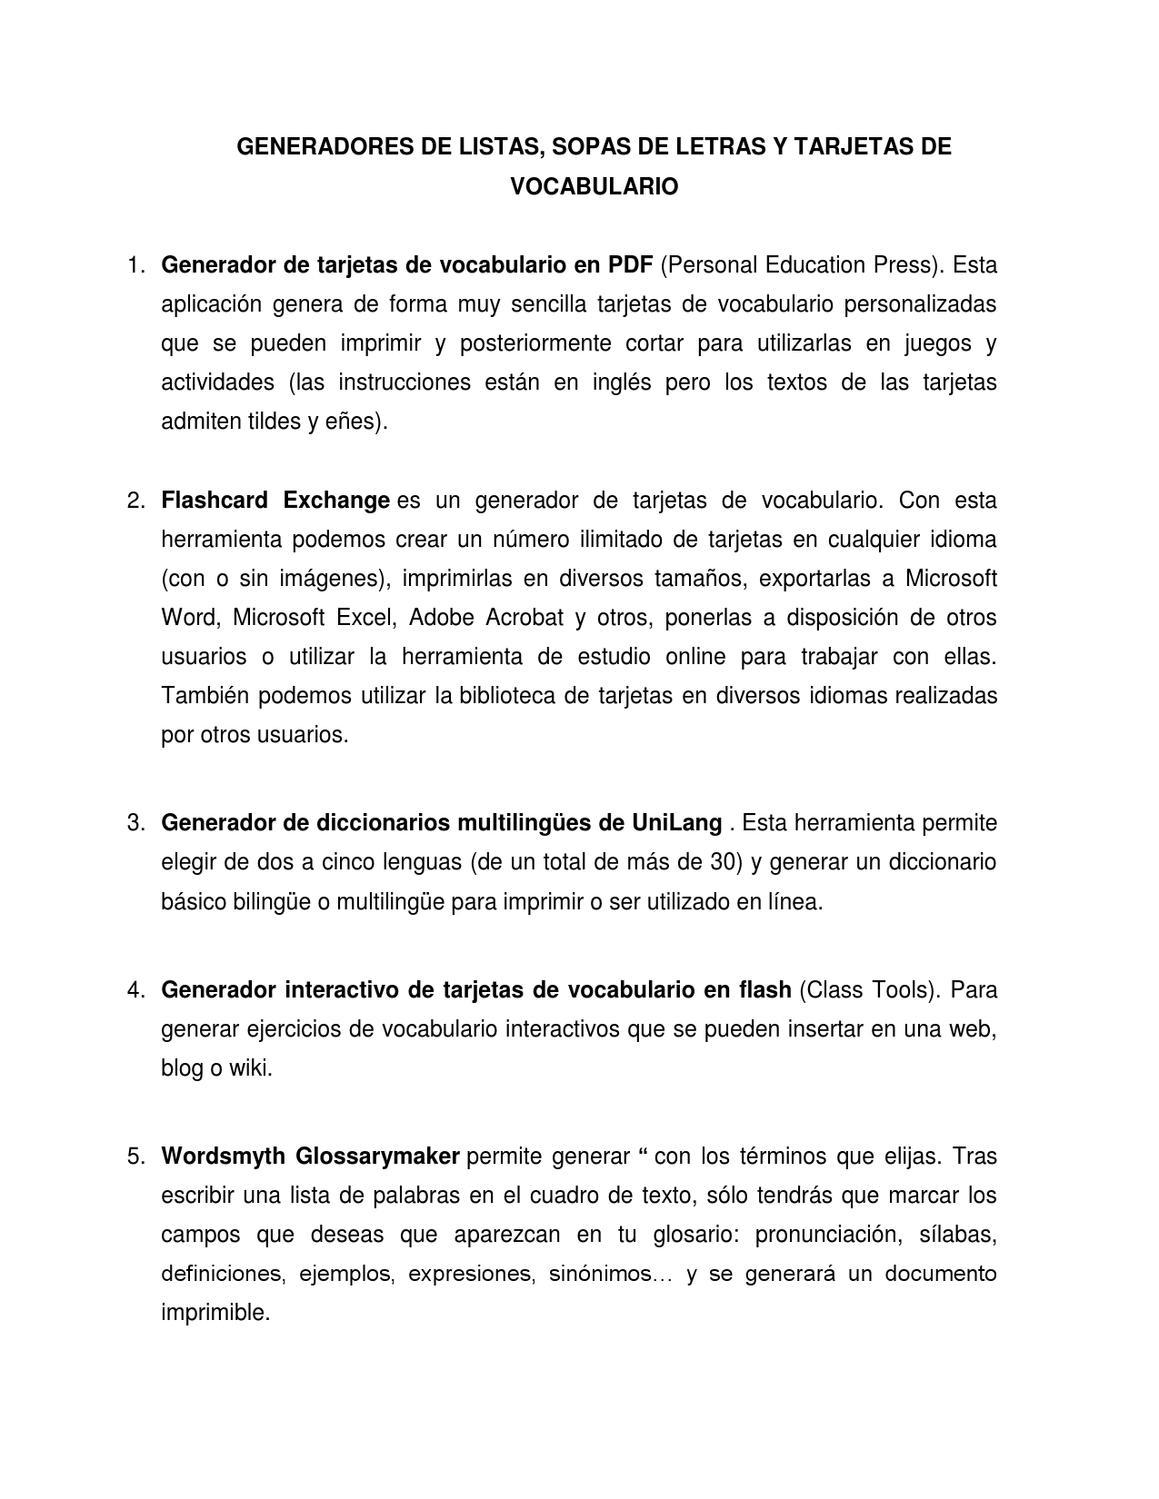 Generadores de sopas de letras y tarzjetas by sergio saldarriaga - issuu